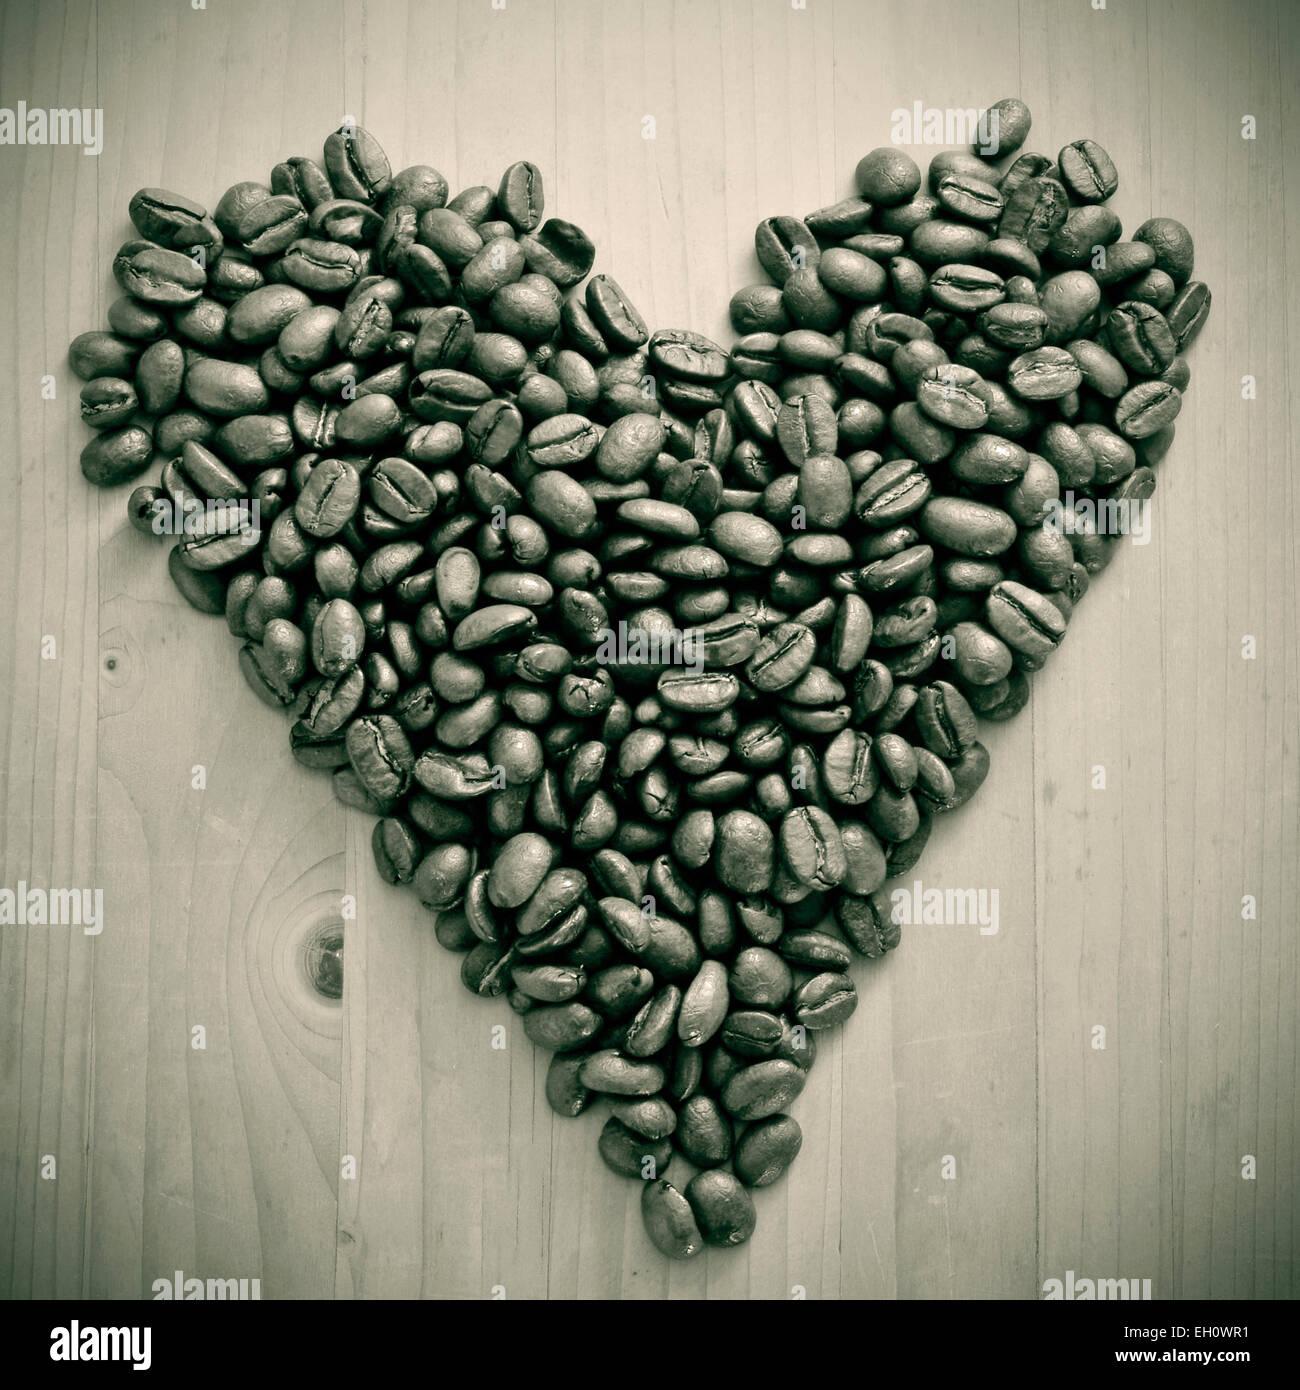 ein Haufen von gerösteten Kaffeebohnen bilden eine Herz auf einem Holztisch, in schwarz und weiß Stockbild